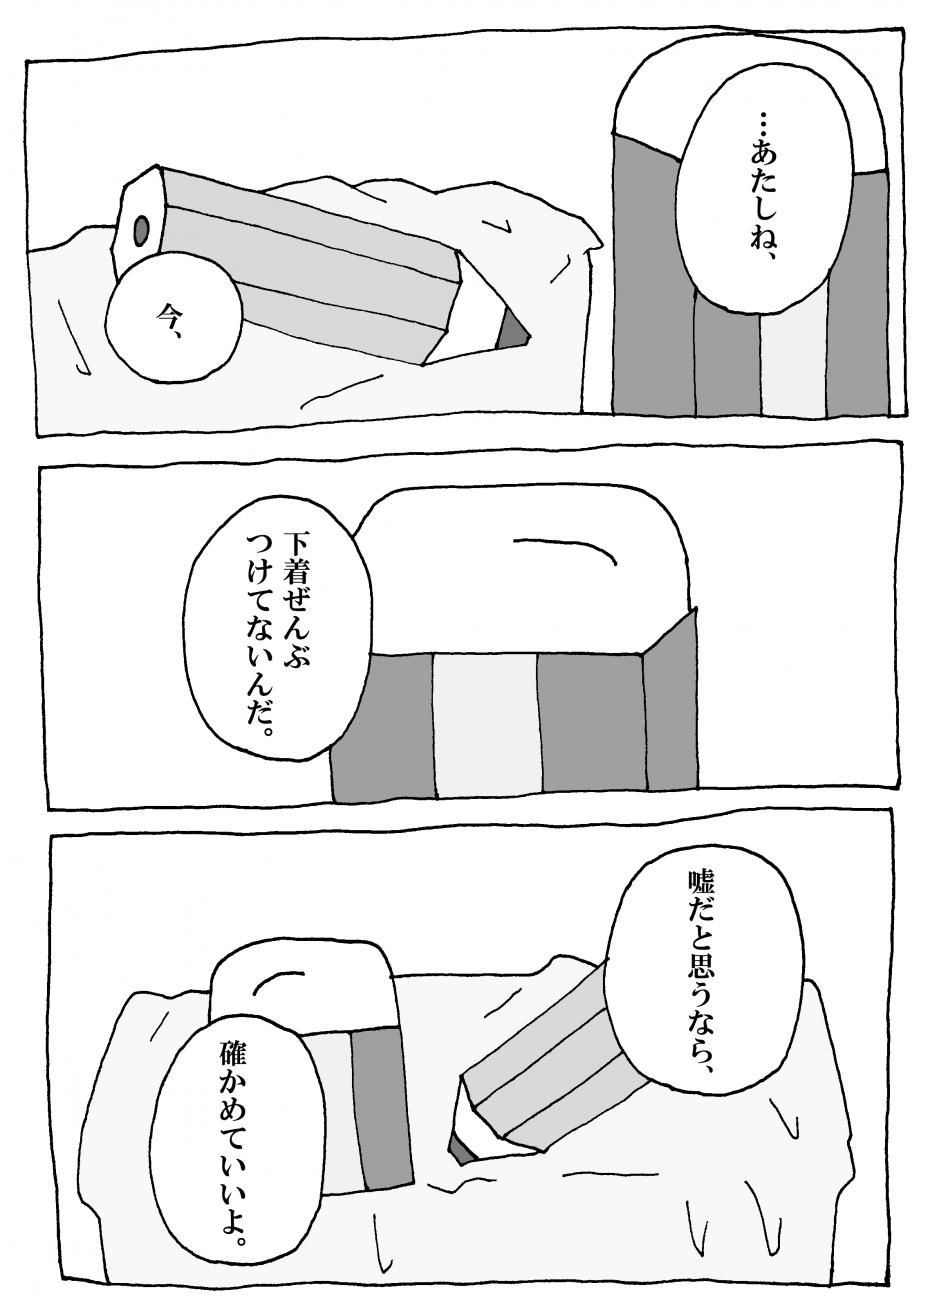 サユリ1号まんが